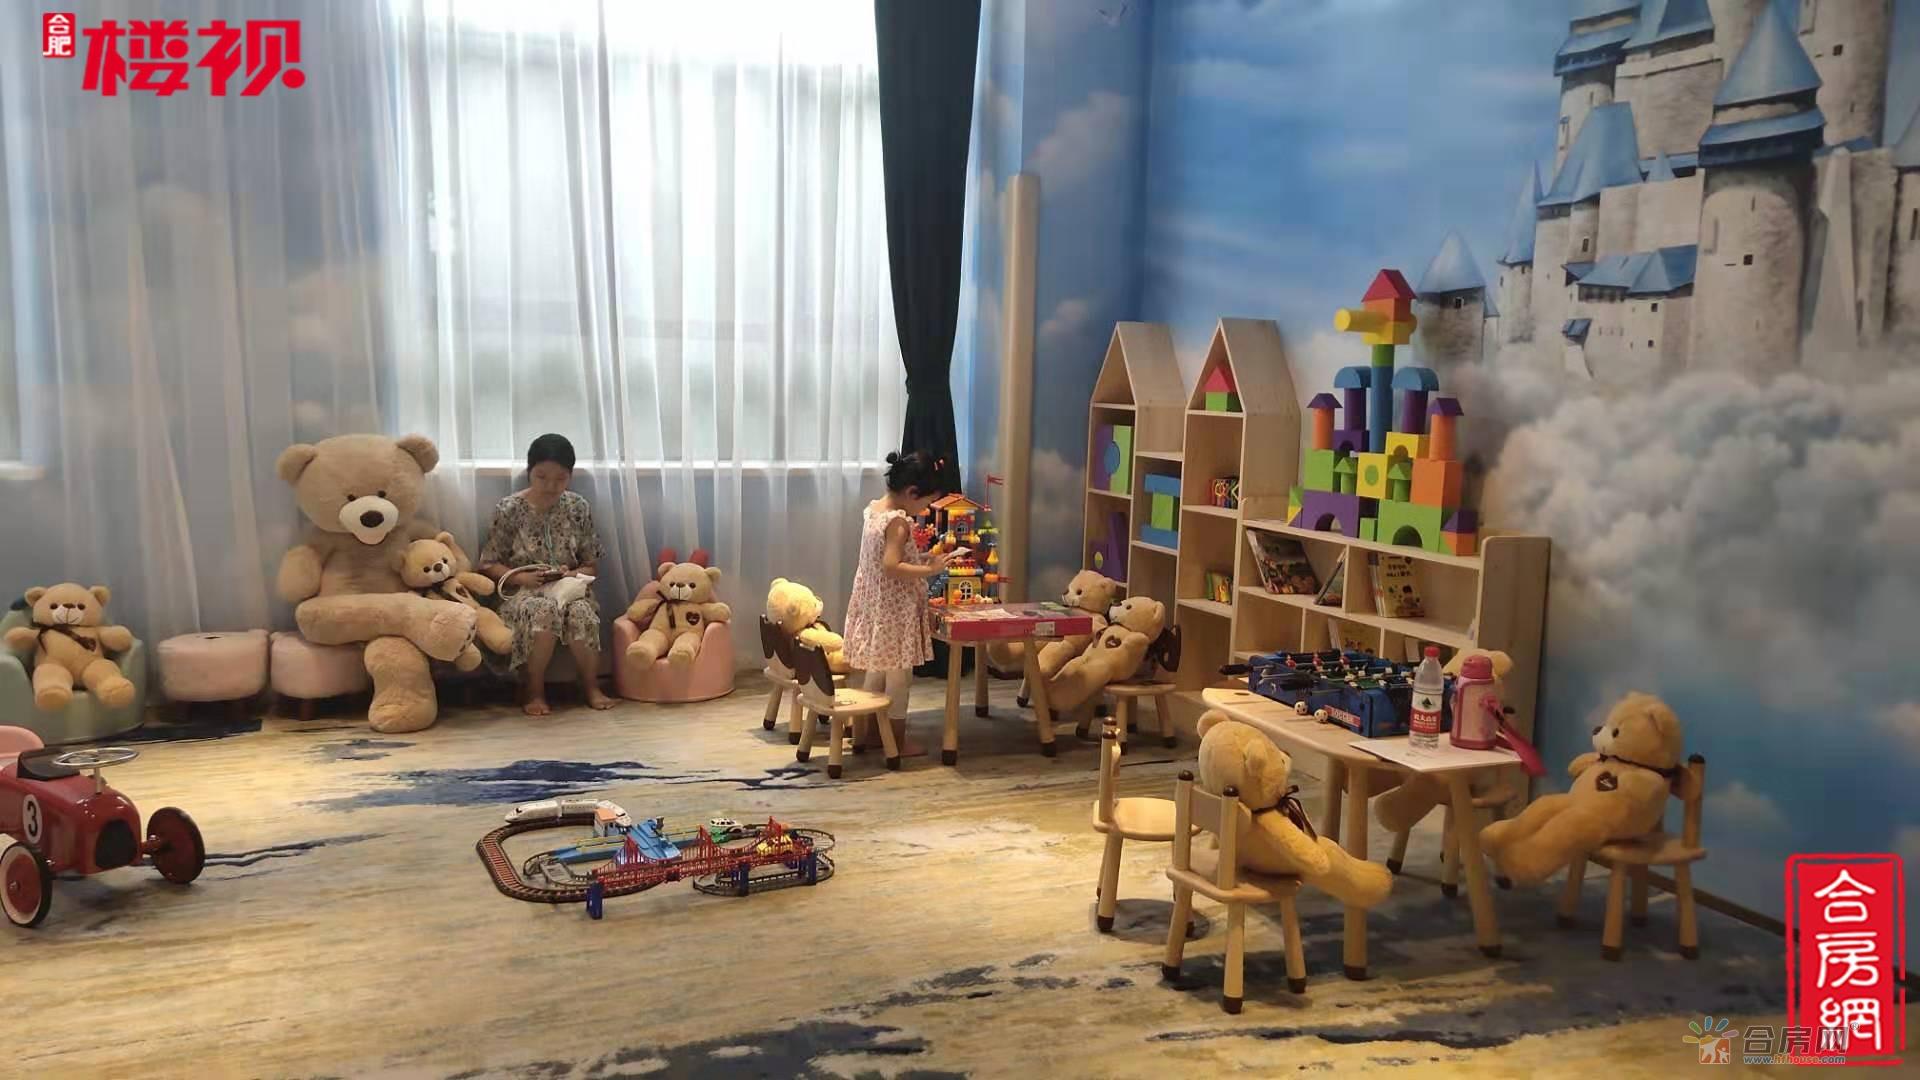 售楼部儿童活动区域